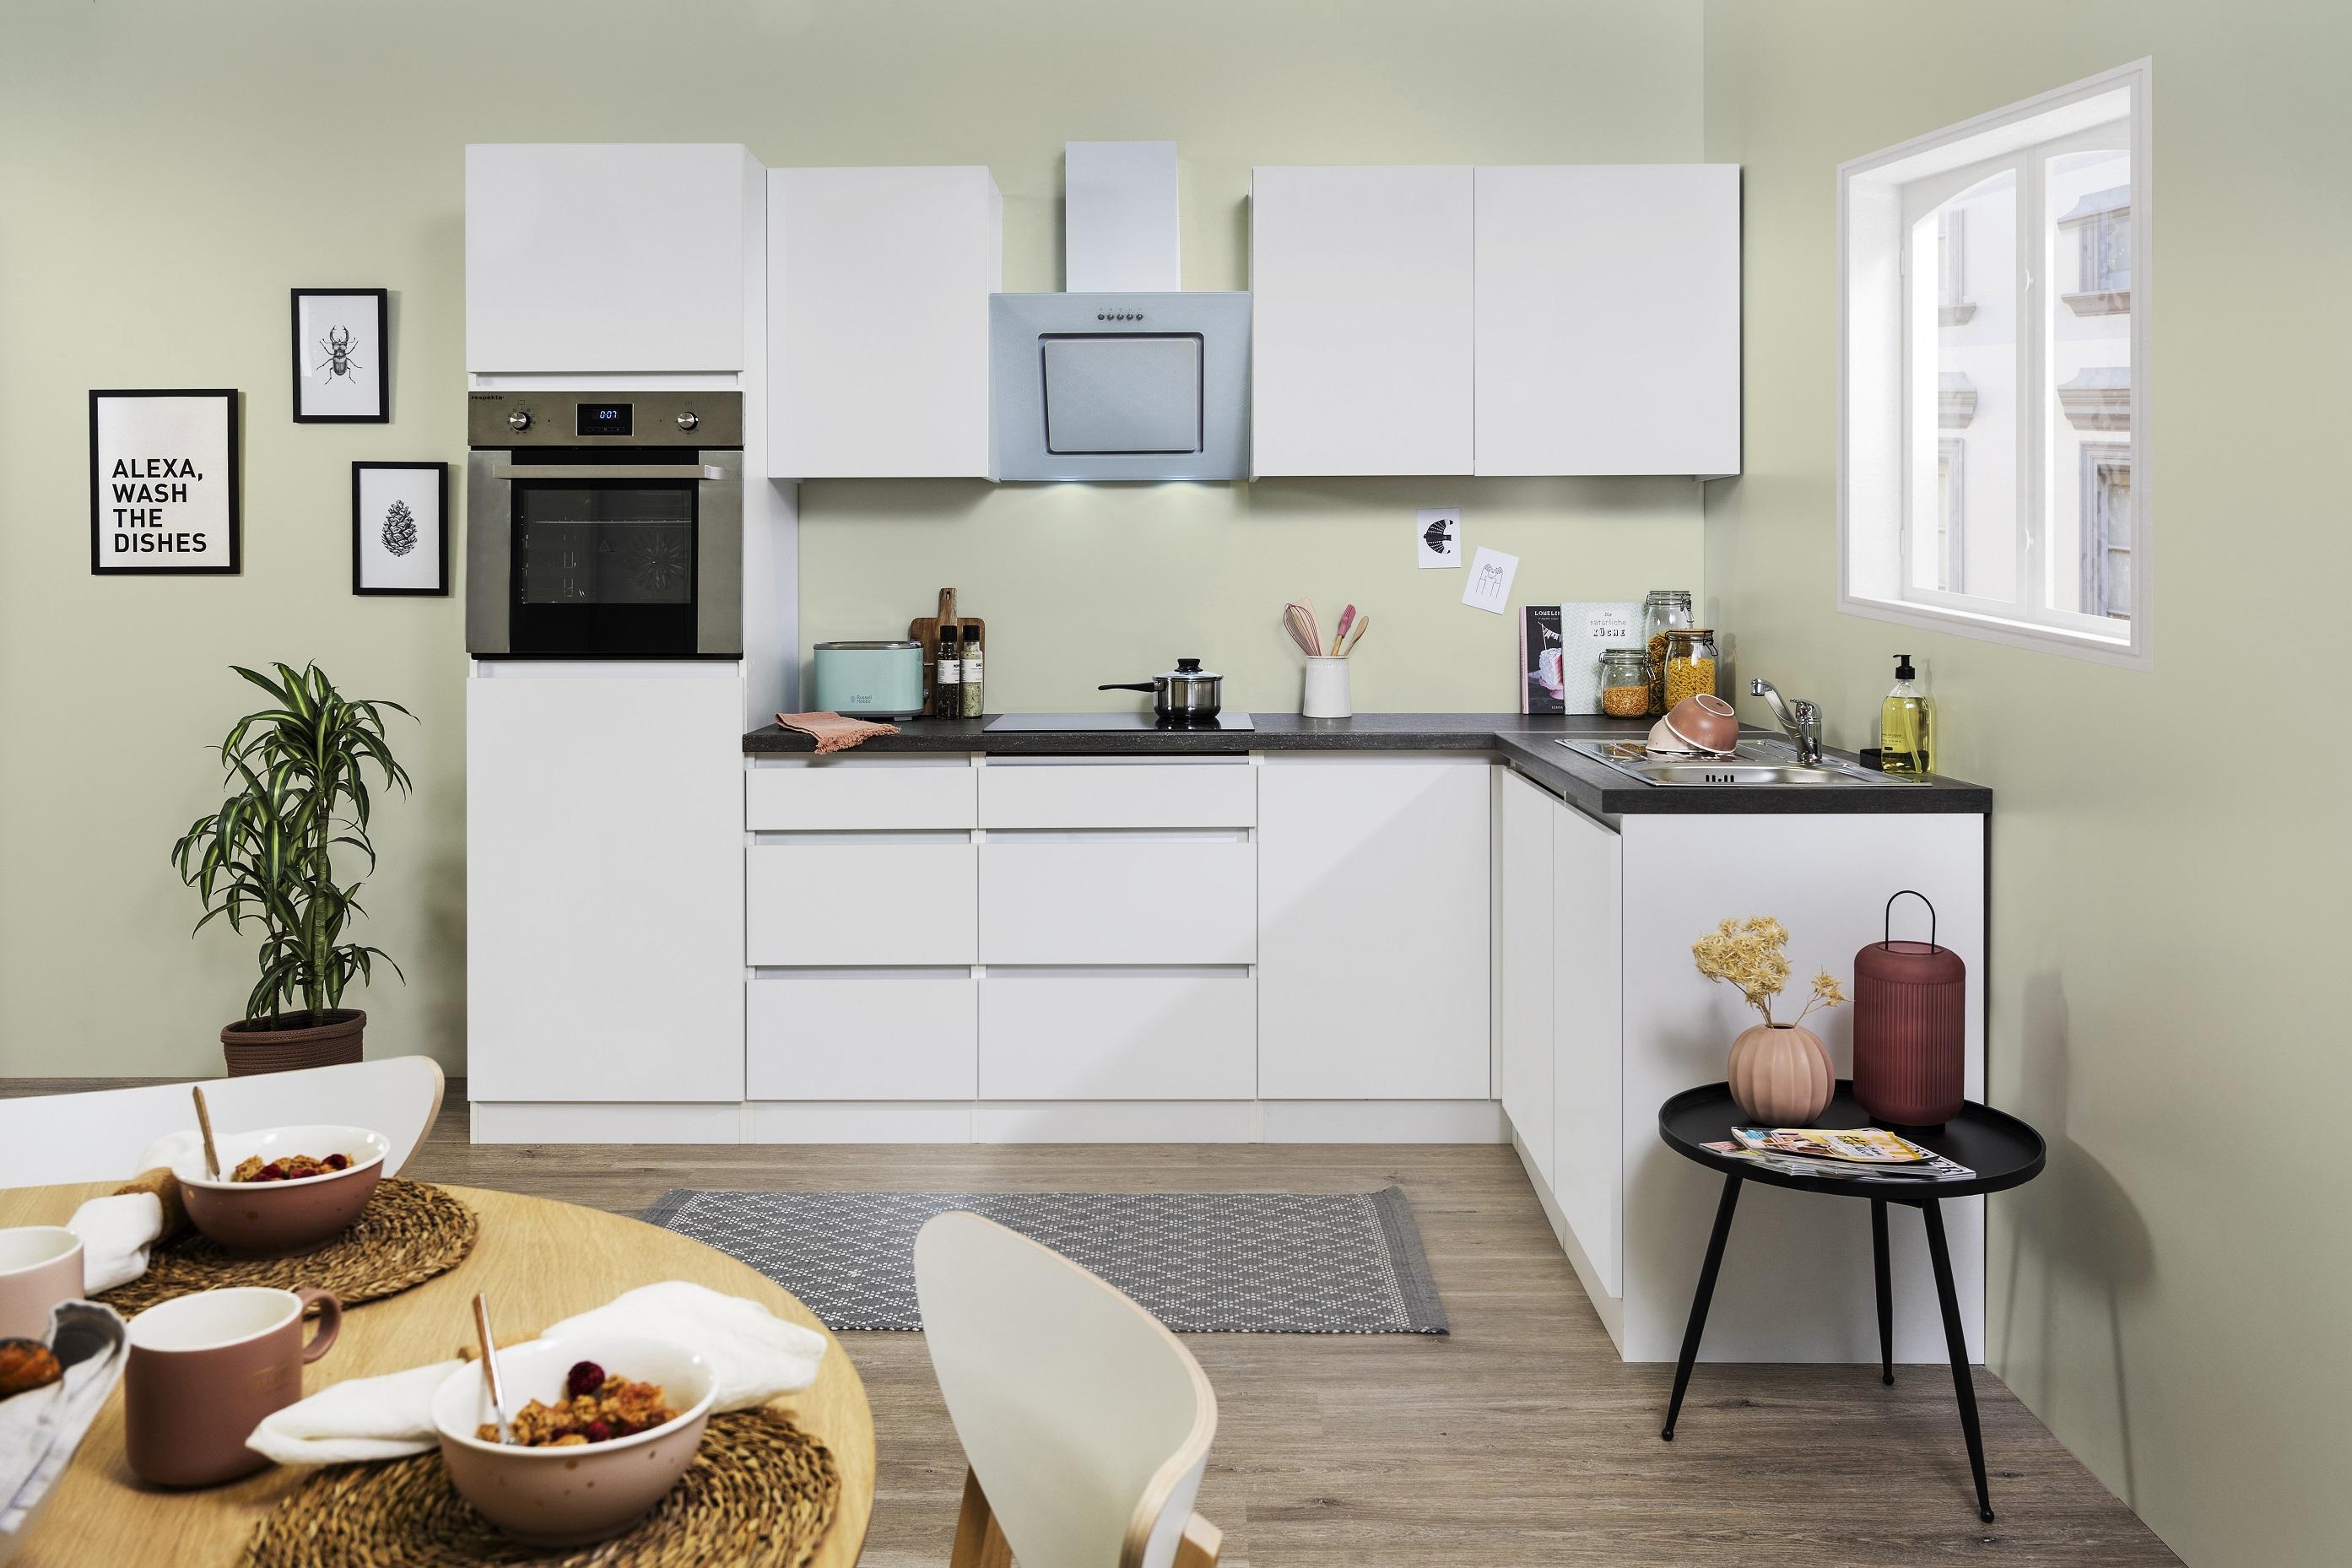 Winkelküche Küchenzeile Küche L-Form Küche grifflos weiß 280 x 172 cm respekta